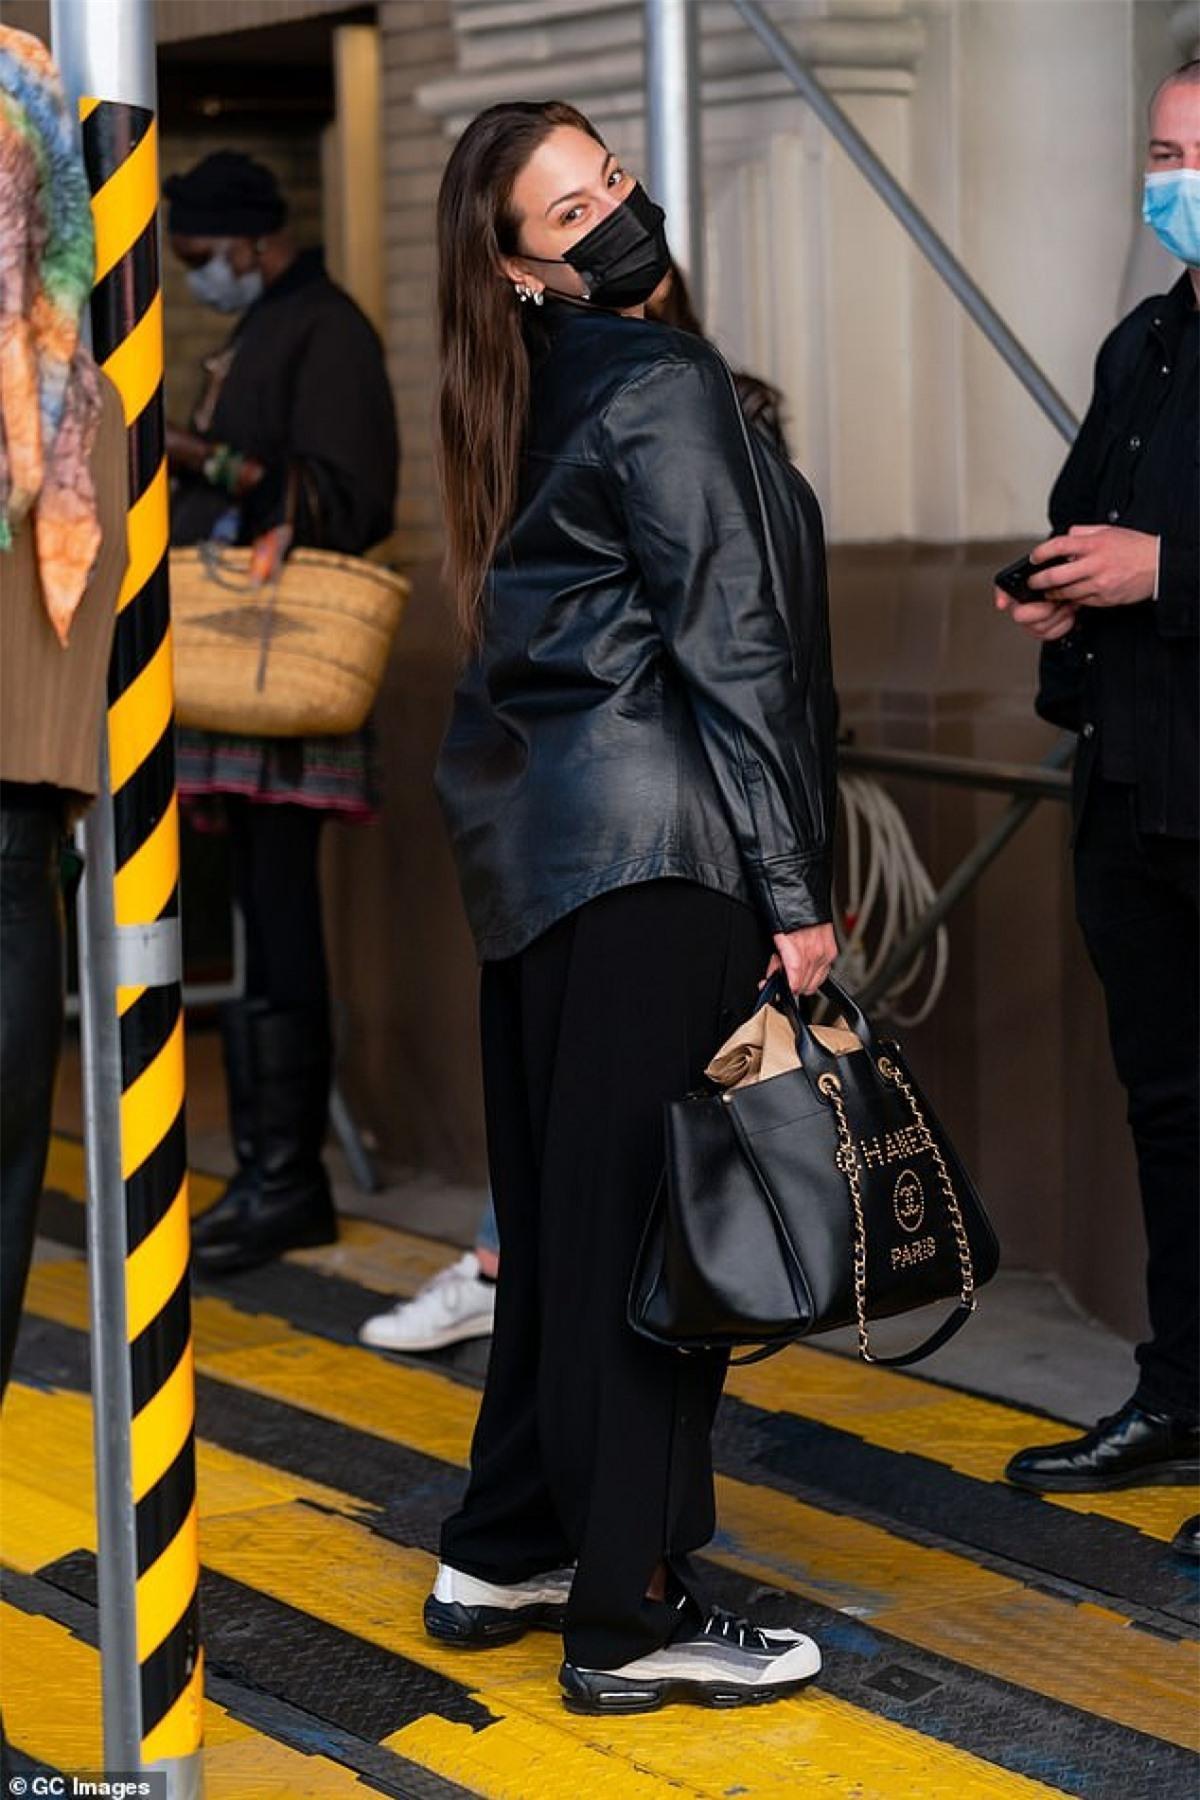 'Người mẫu ngoại cỡ' Ashley Graham diện đồ hiệu đến dự sự kiện thời trang Ảnh 2